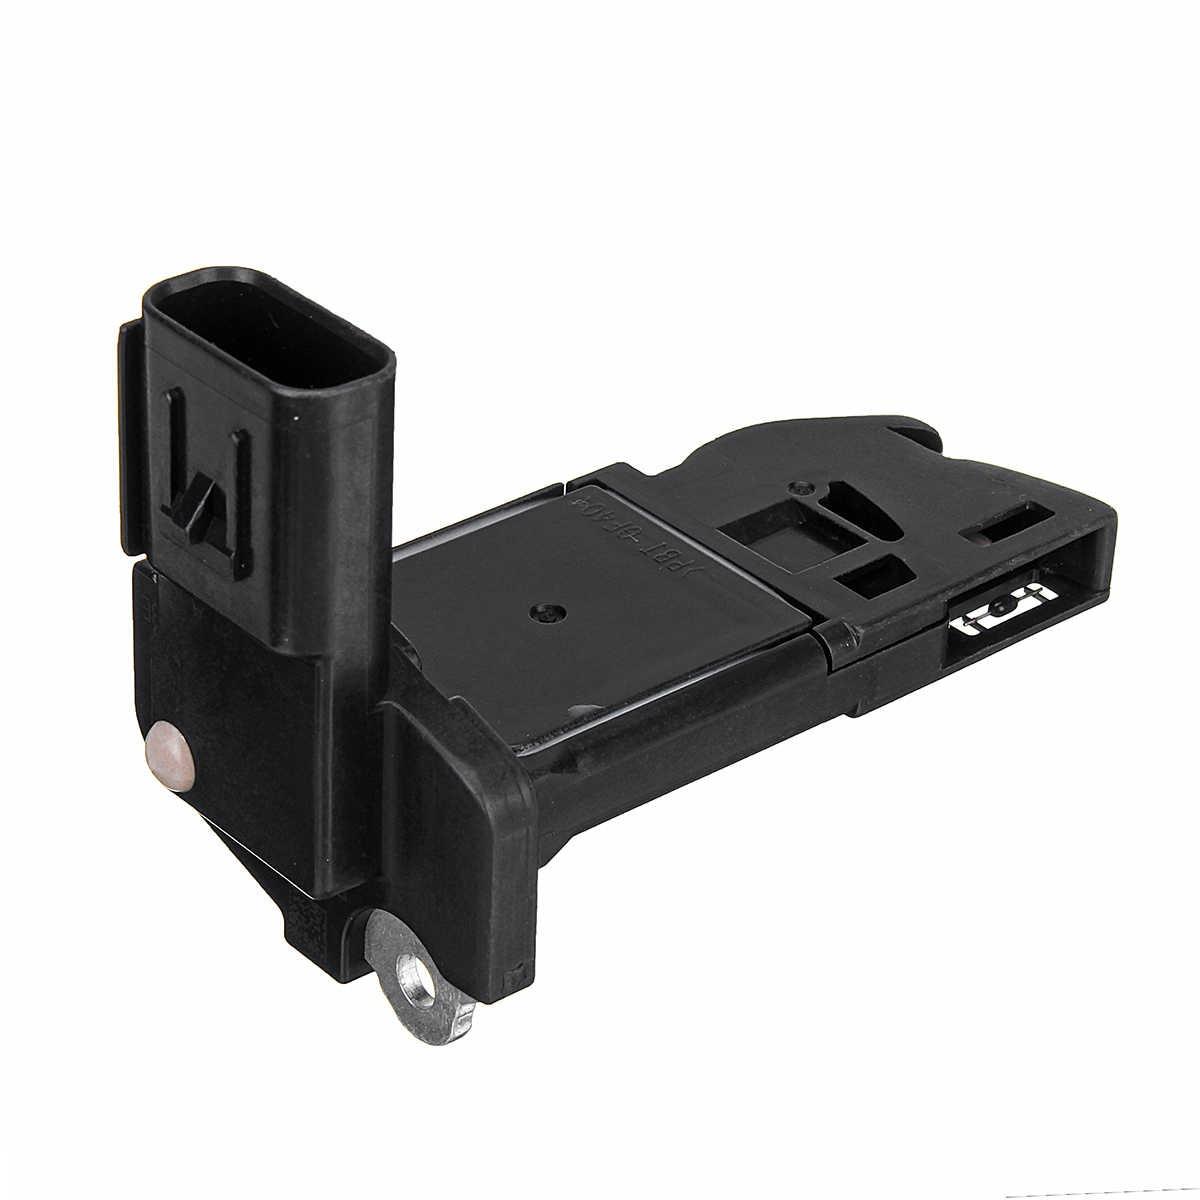 Kütle hava akış ölçer sensörü 7M51-9A673-EE/7M519A673EE/7M51-12B579-BB Ford Focus için MK2 II MK3 III C-MAX 1.6 2.0 TDCI